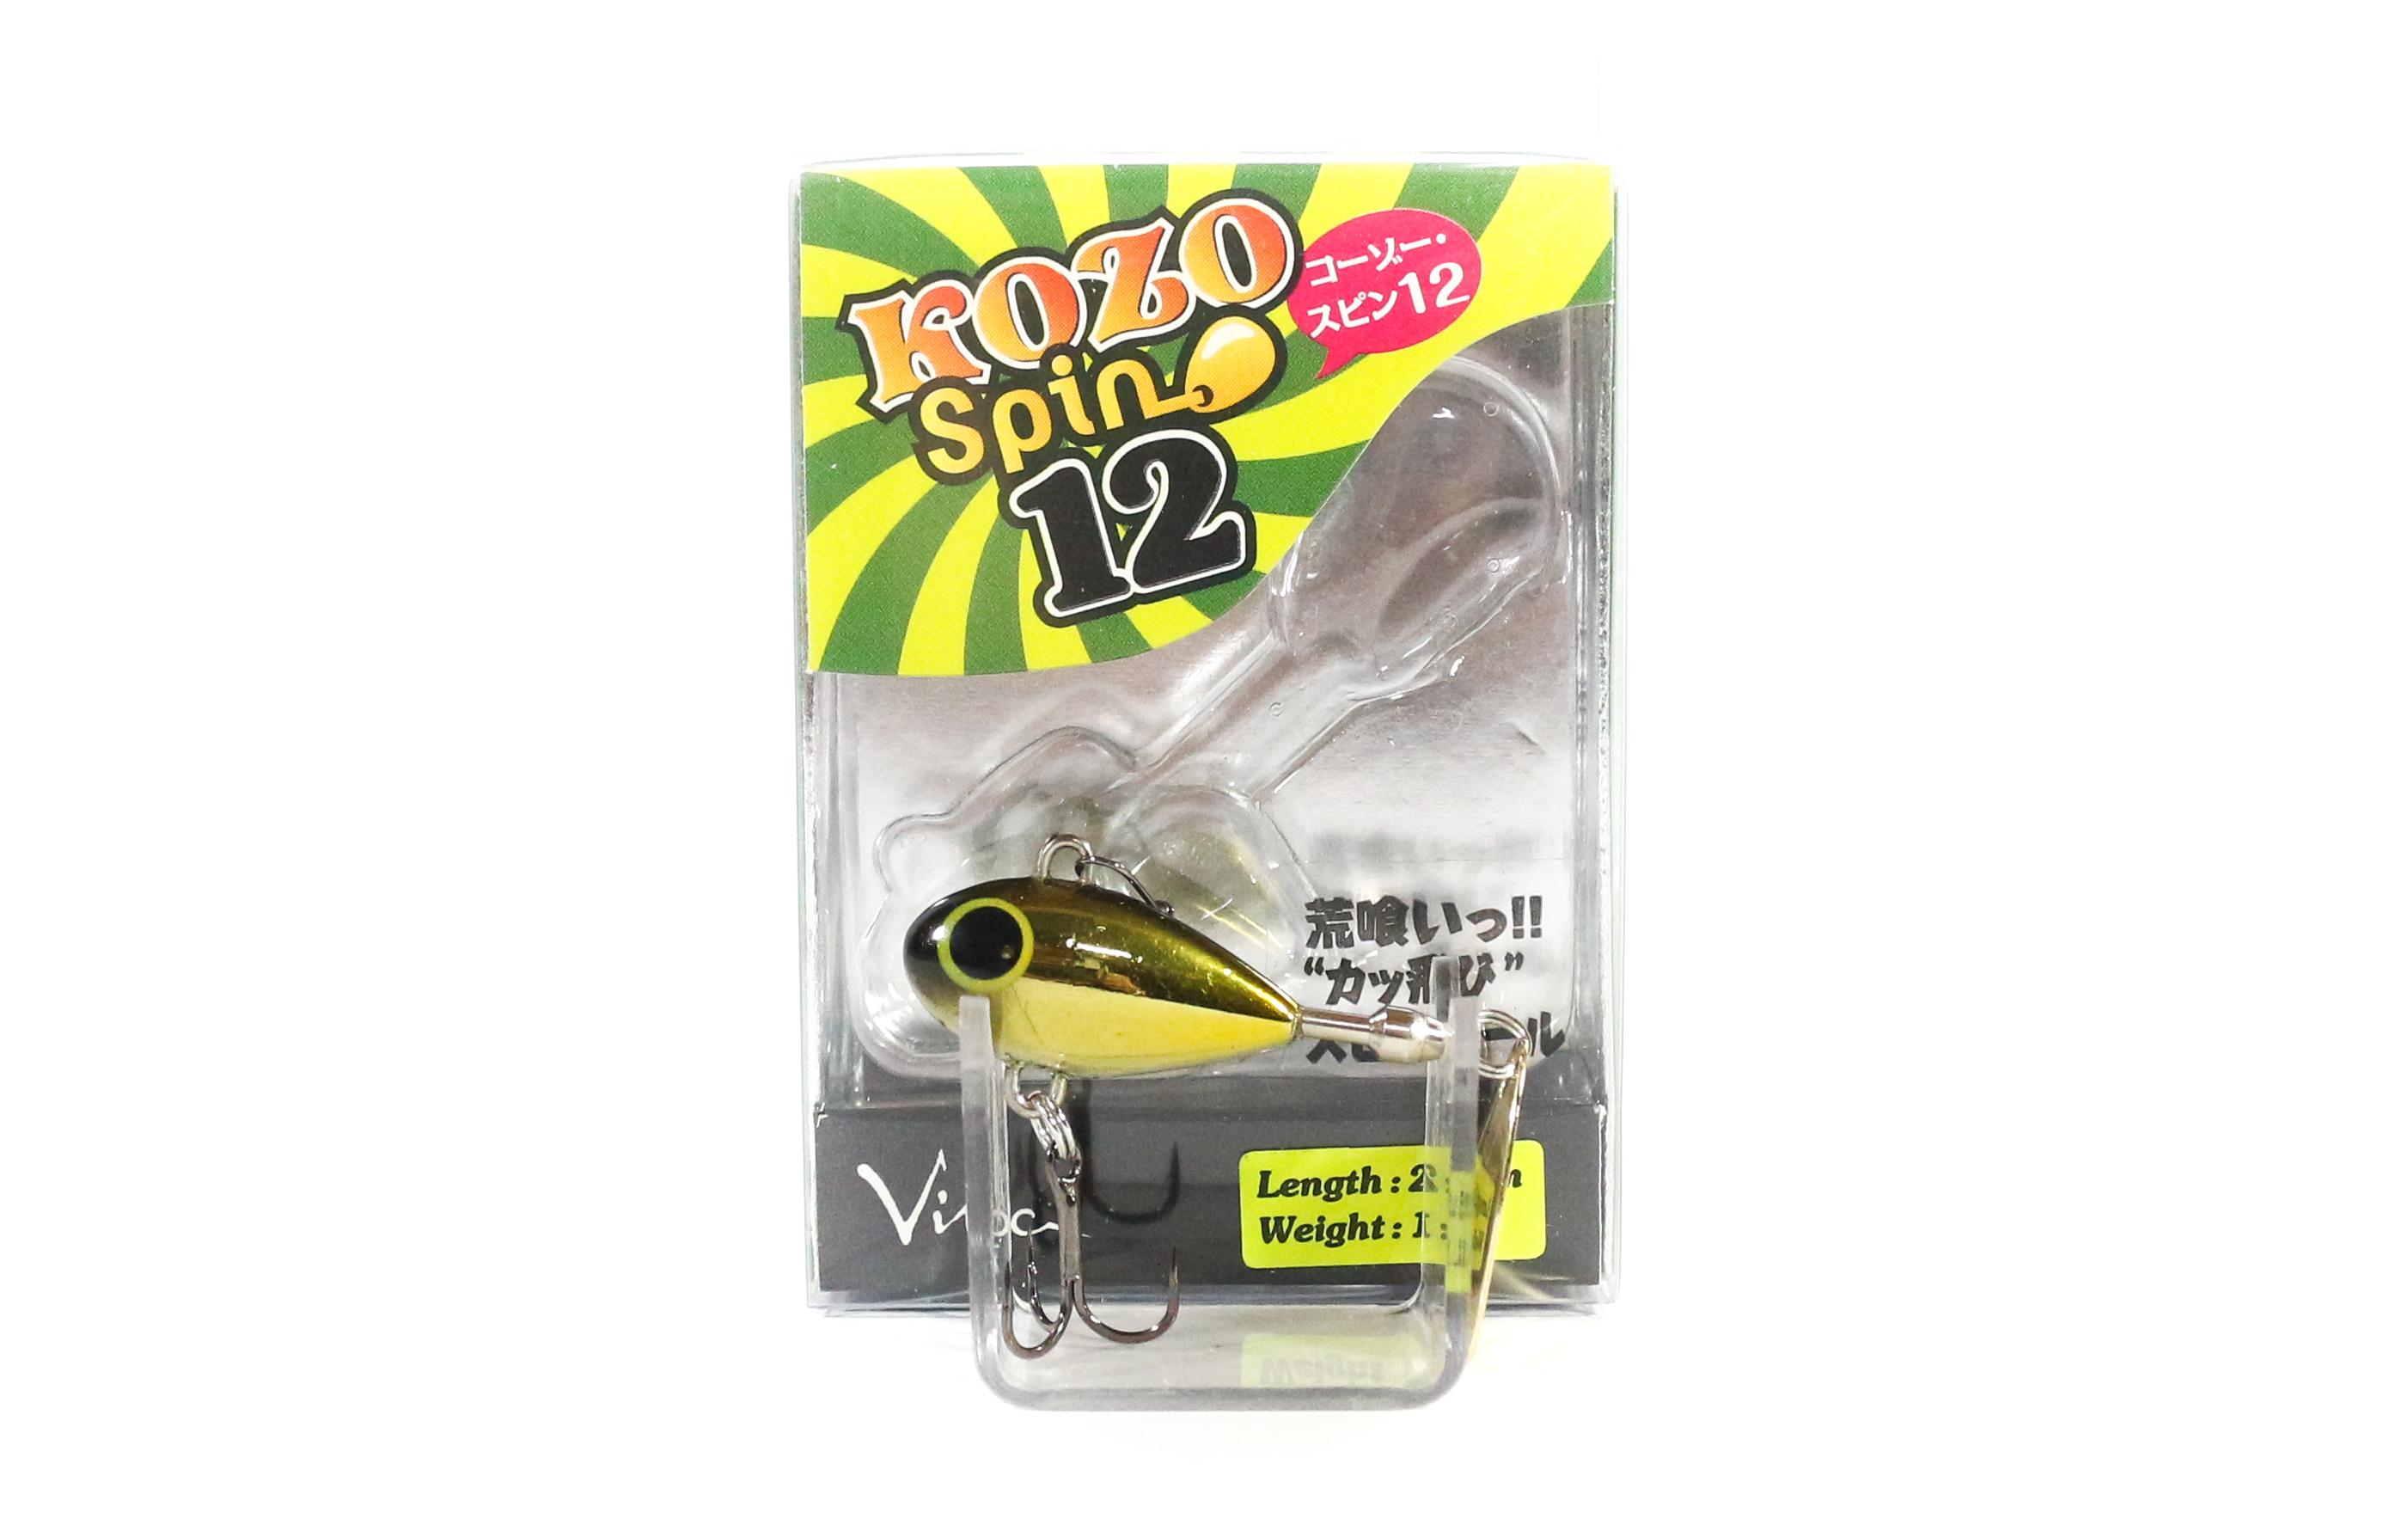 Viva Kozo Spin 12 grams Spinner Bait Lure 11 (7489)